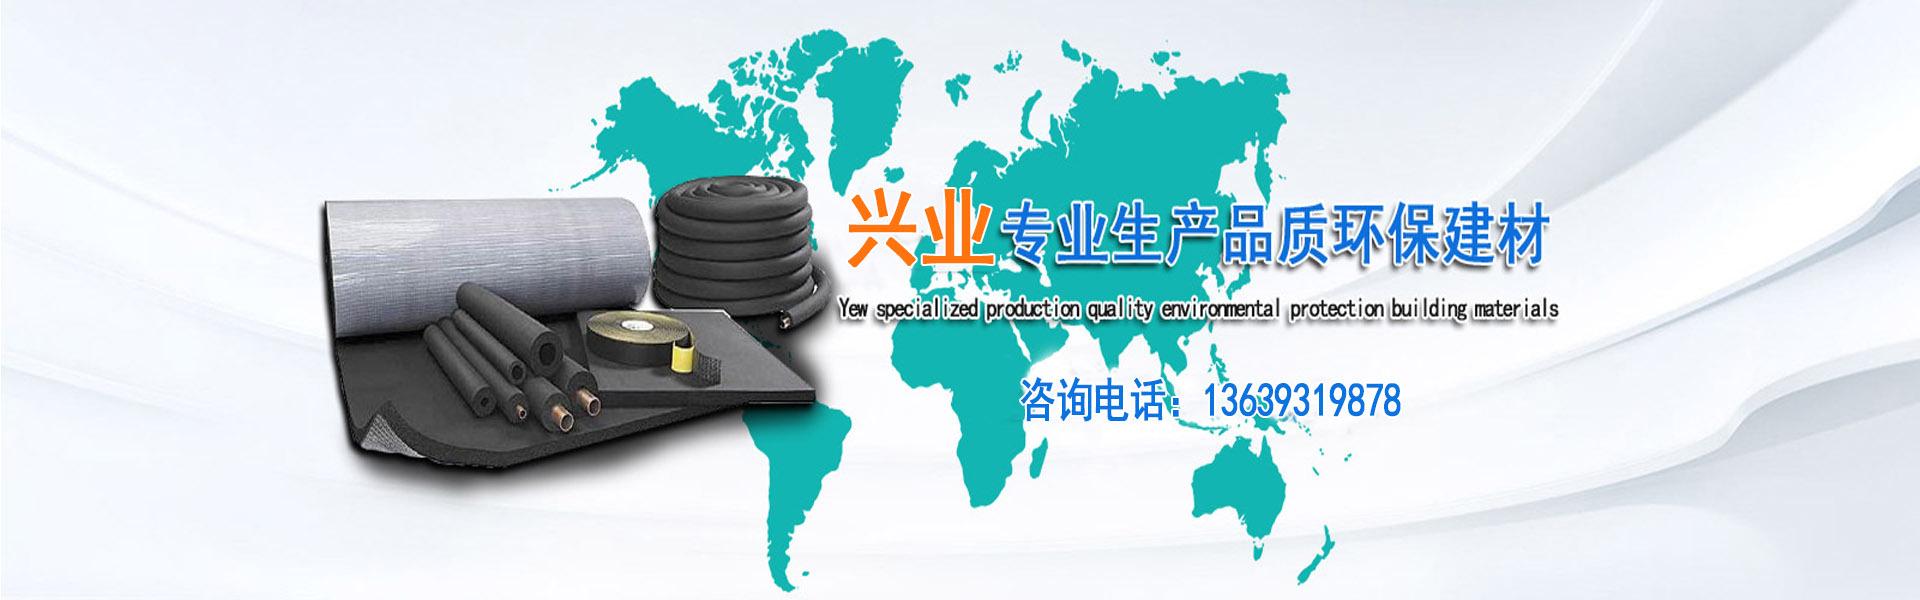 甘肃榆钢兴业建材有限公司是靠得住的兰州岩棉复合板厂家。